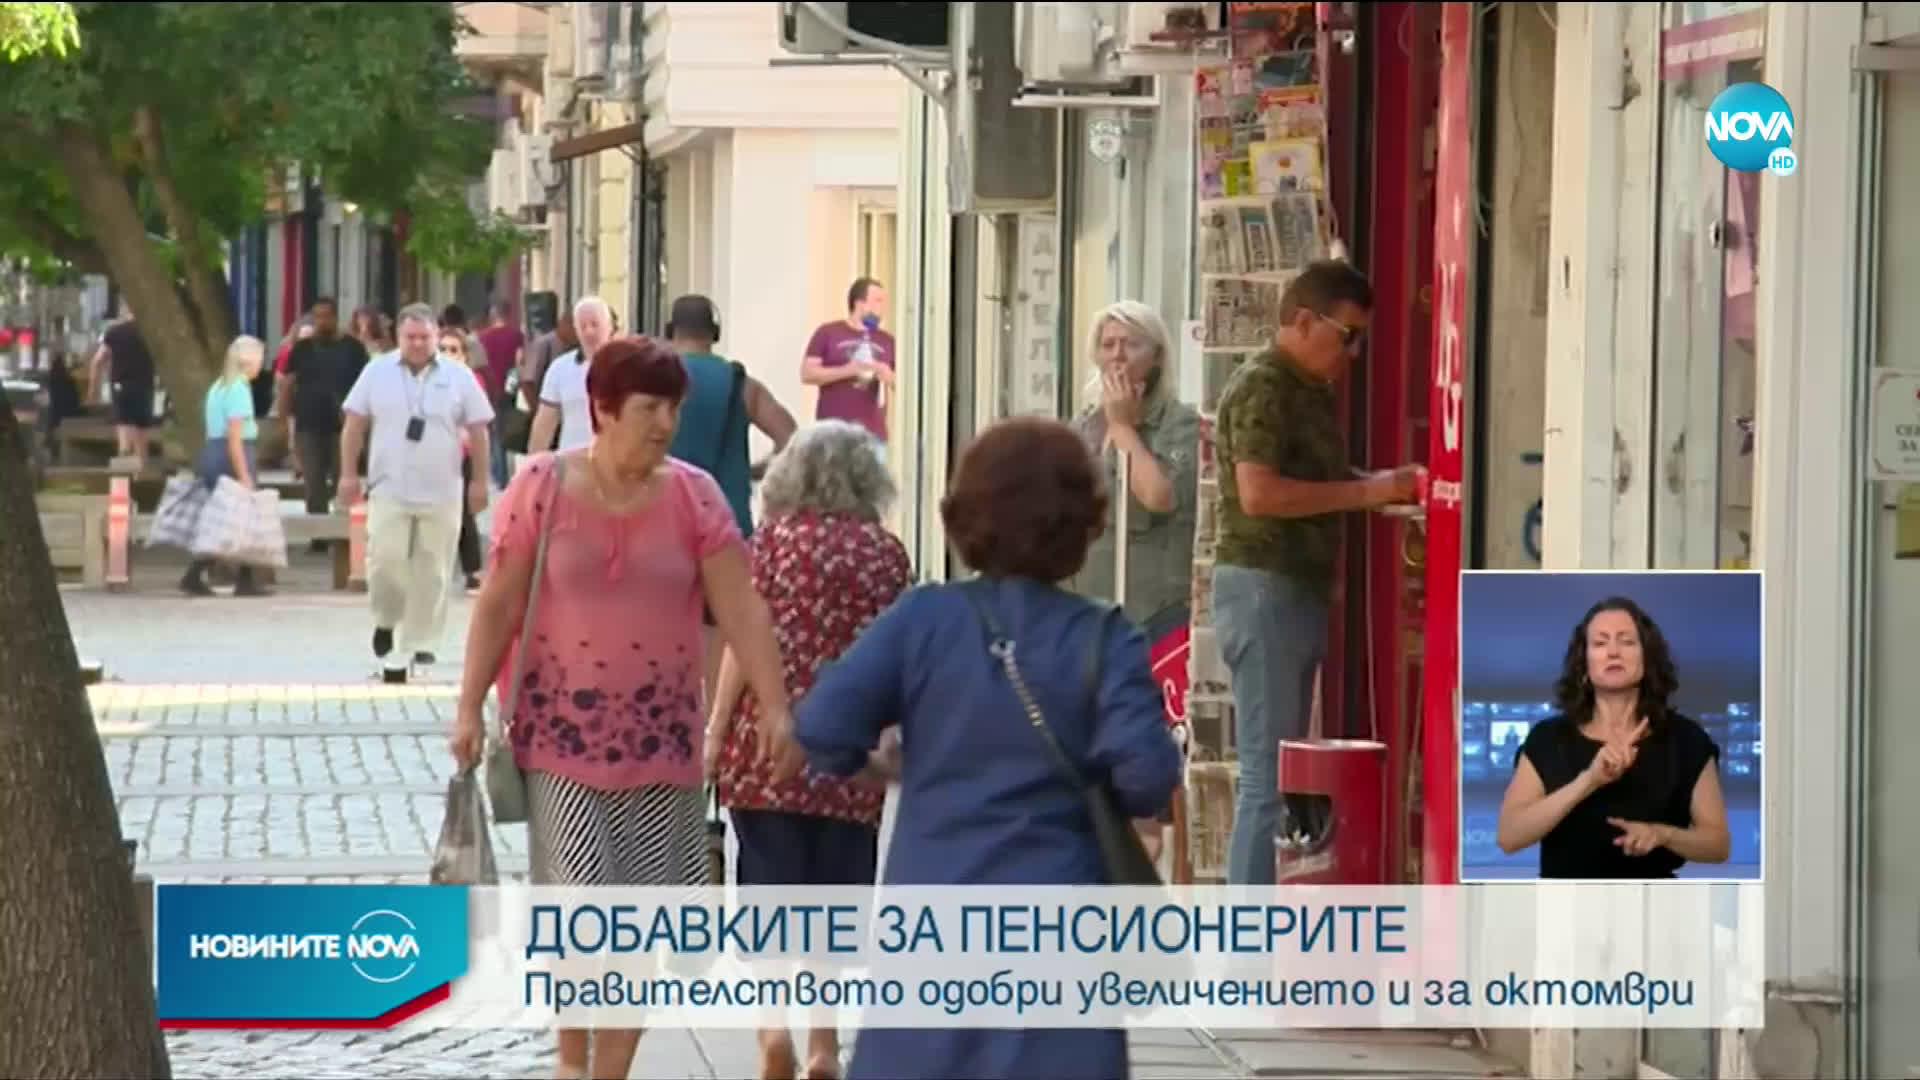 Борисов: Пенсионерите ще получат по 50 лв. допълнително за трети пореден месец (ВИДЕО)